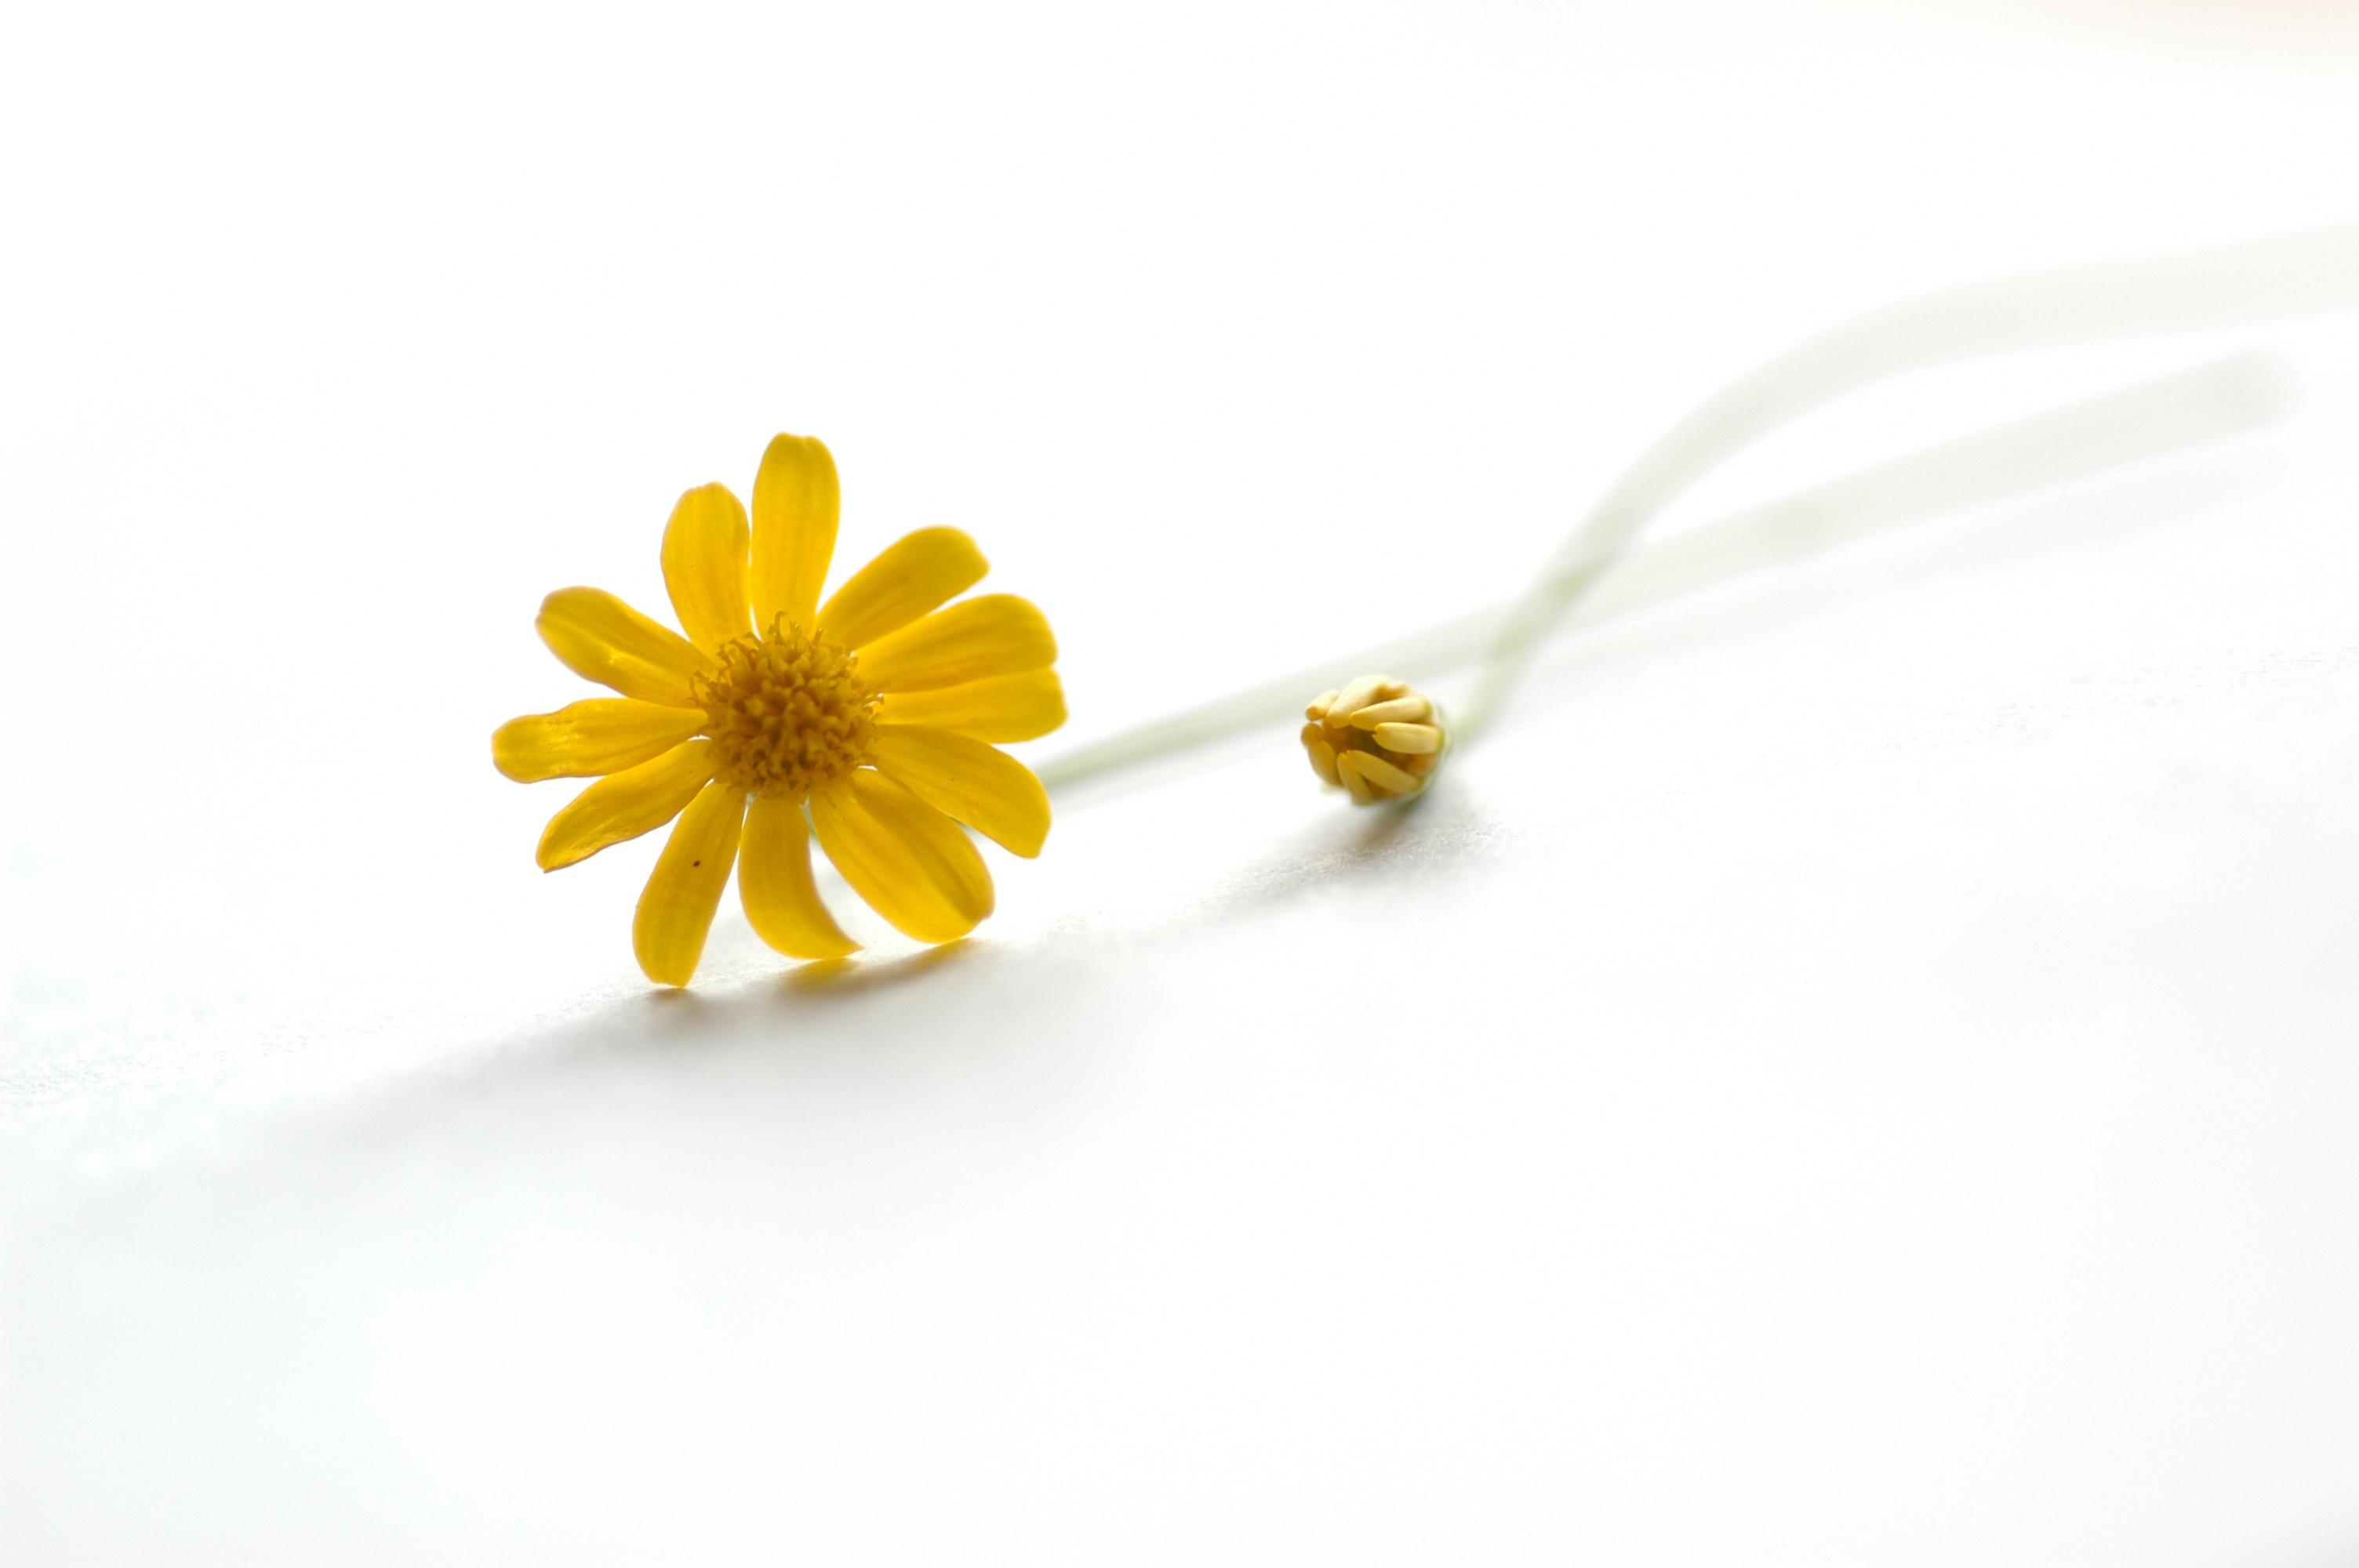 цветок желтый flower yellow  № 1246571 без смс